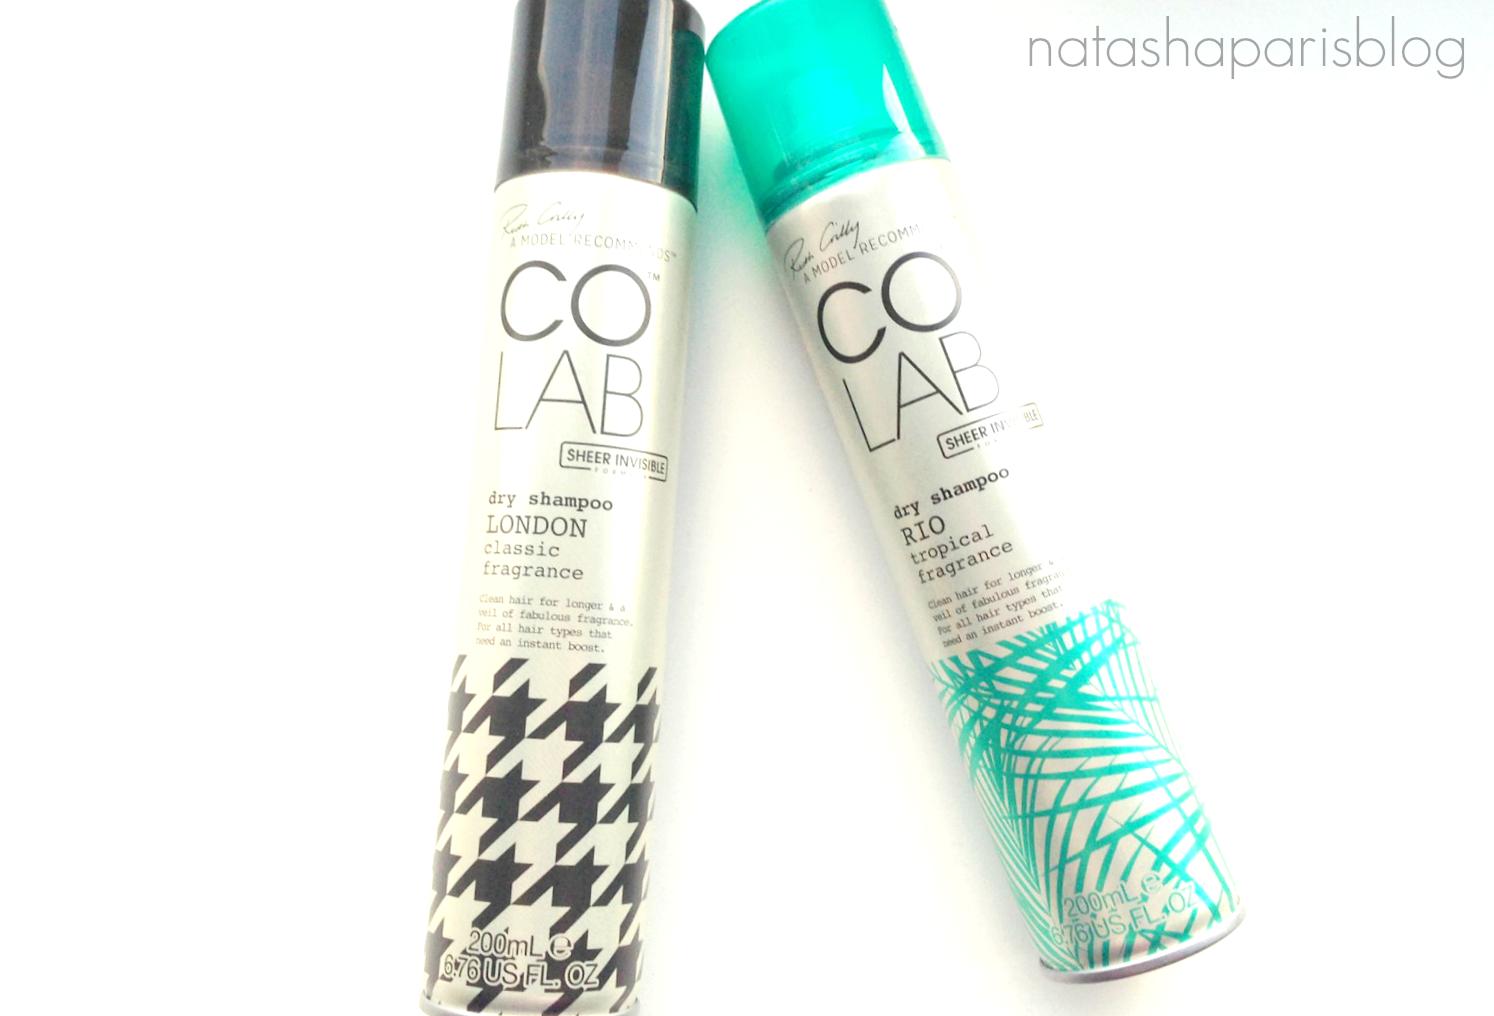 COLAB Dry Shampoo London/Rio